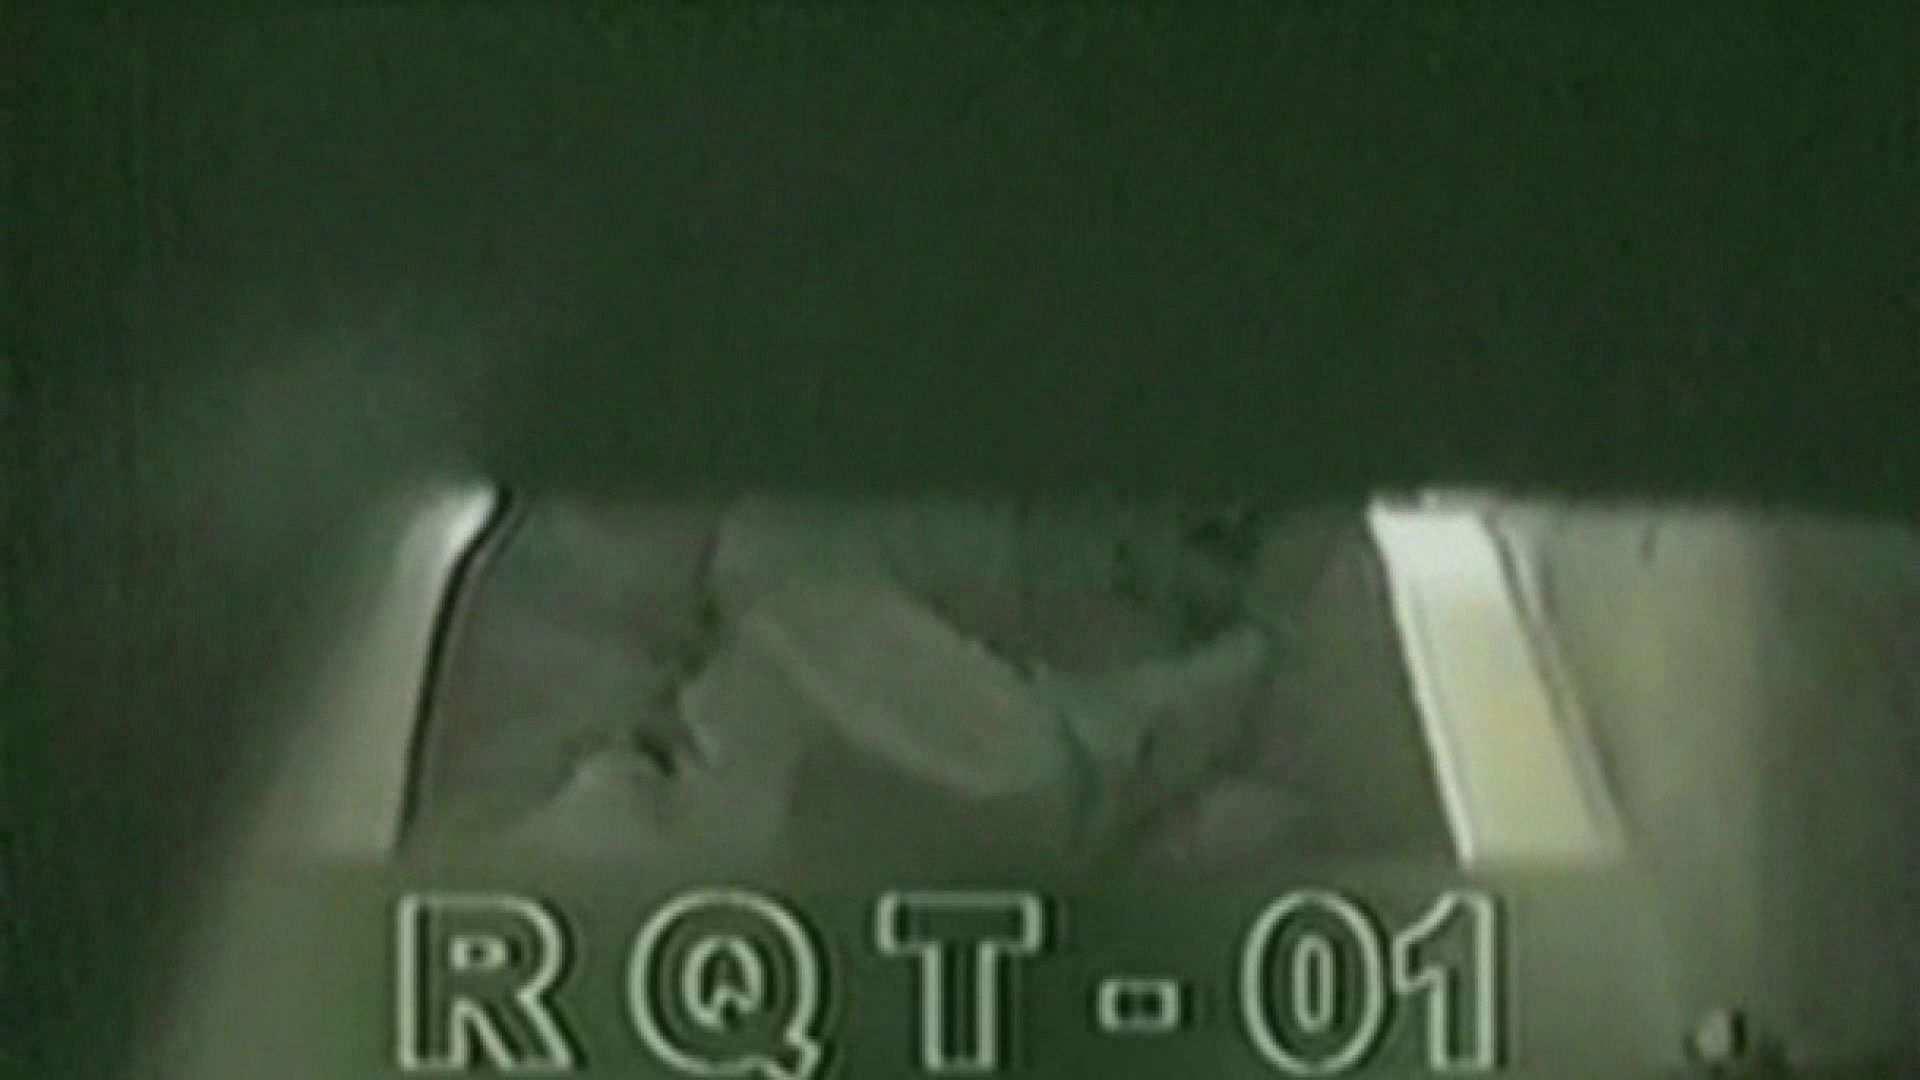 お姉さんの恥便所盗撮! Vol.2 OLエロ画像 盗撮ヌード画像 89PICs 17